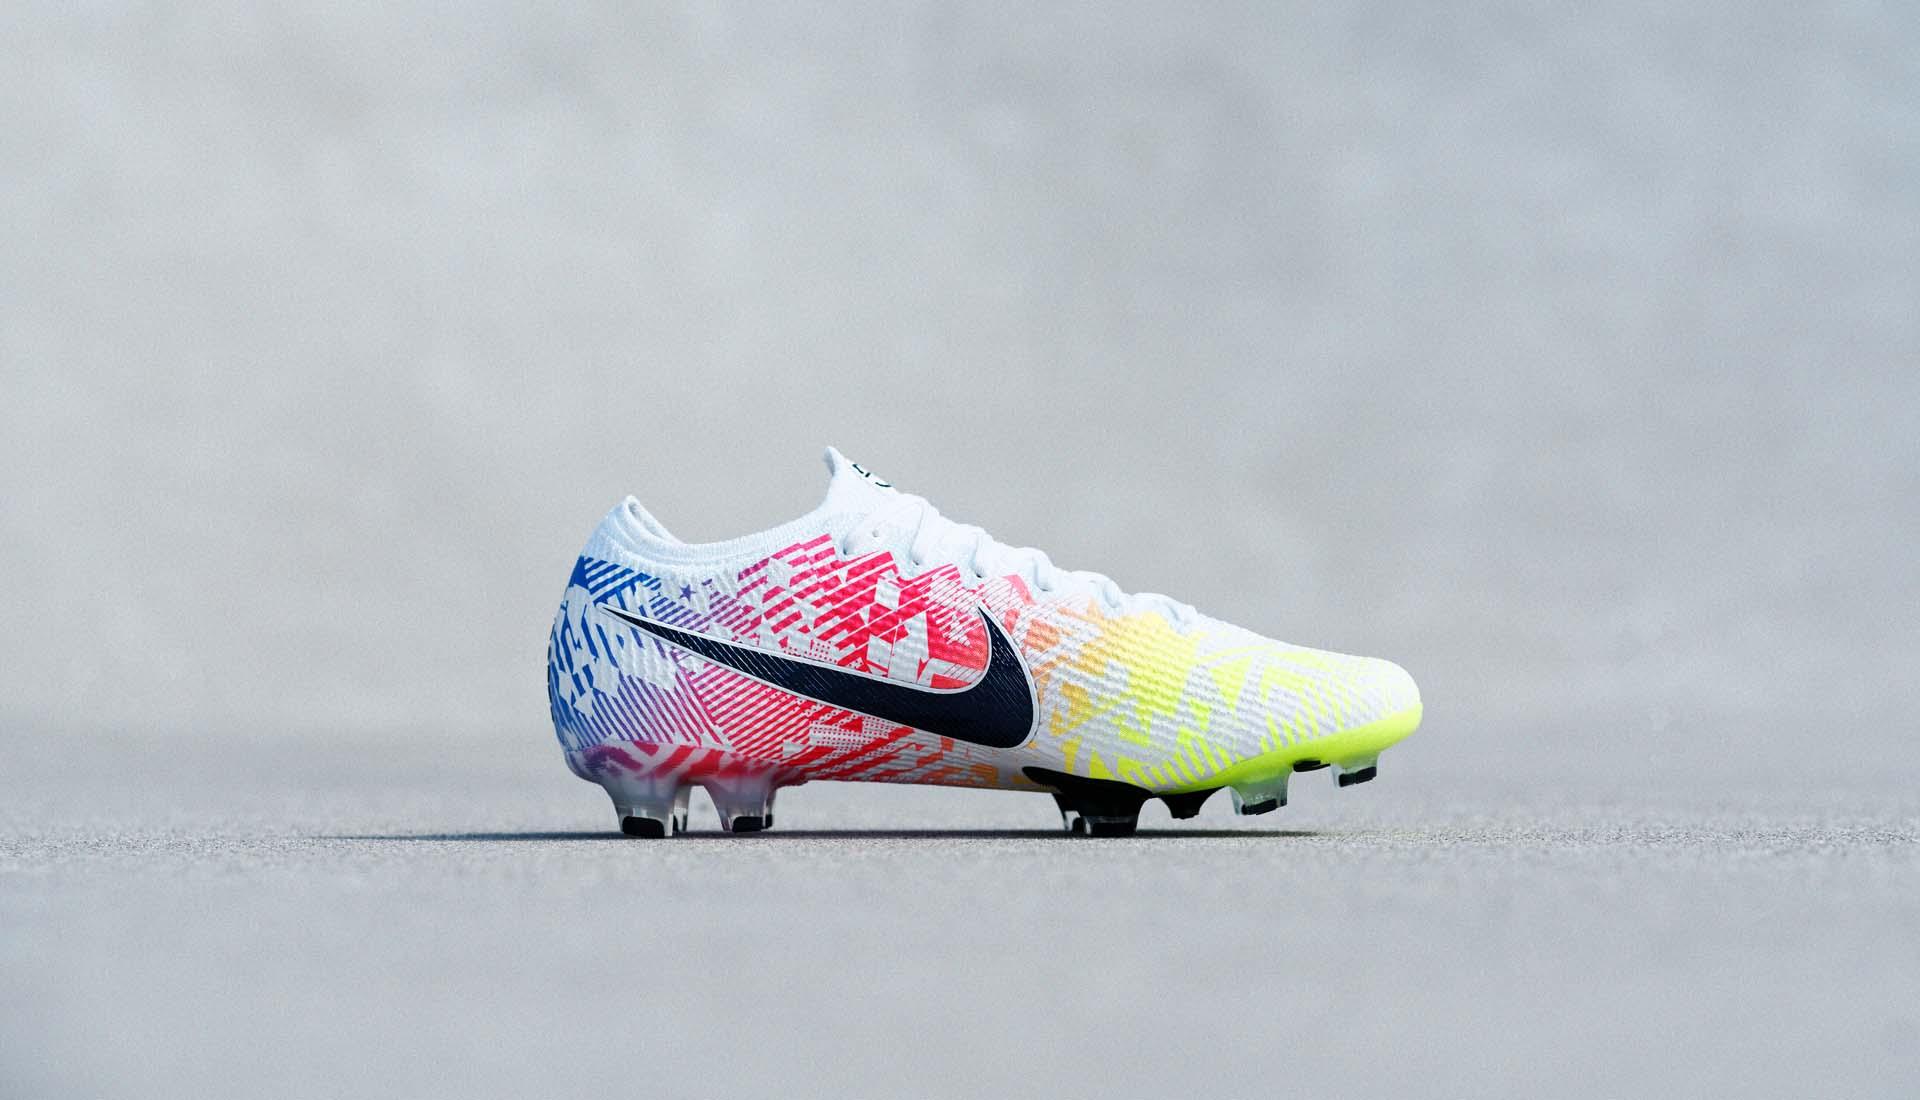 Nike Mercurial Vapor 13 Neymar thuộc dòng giày trợ tốc có trọng lượng nhẹ nhất của Nike